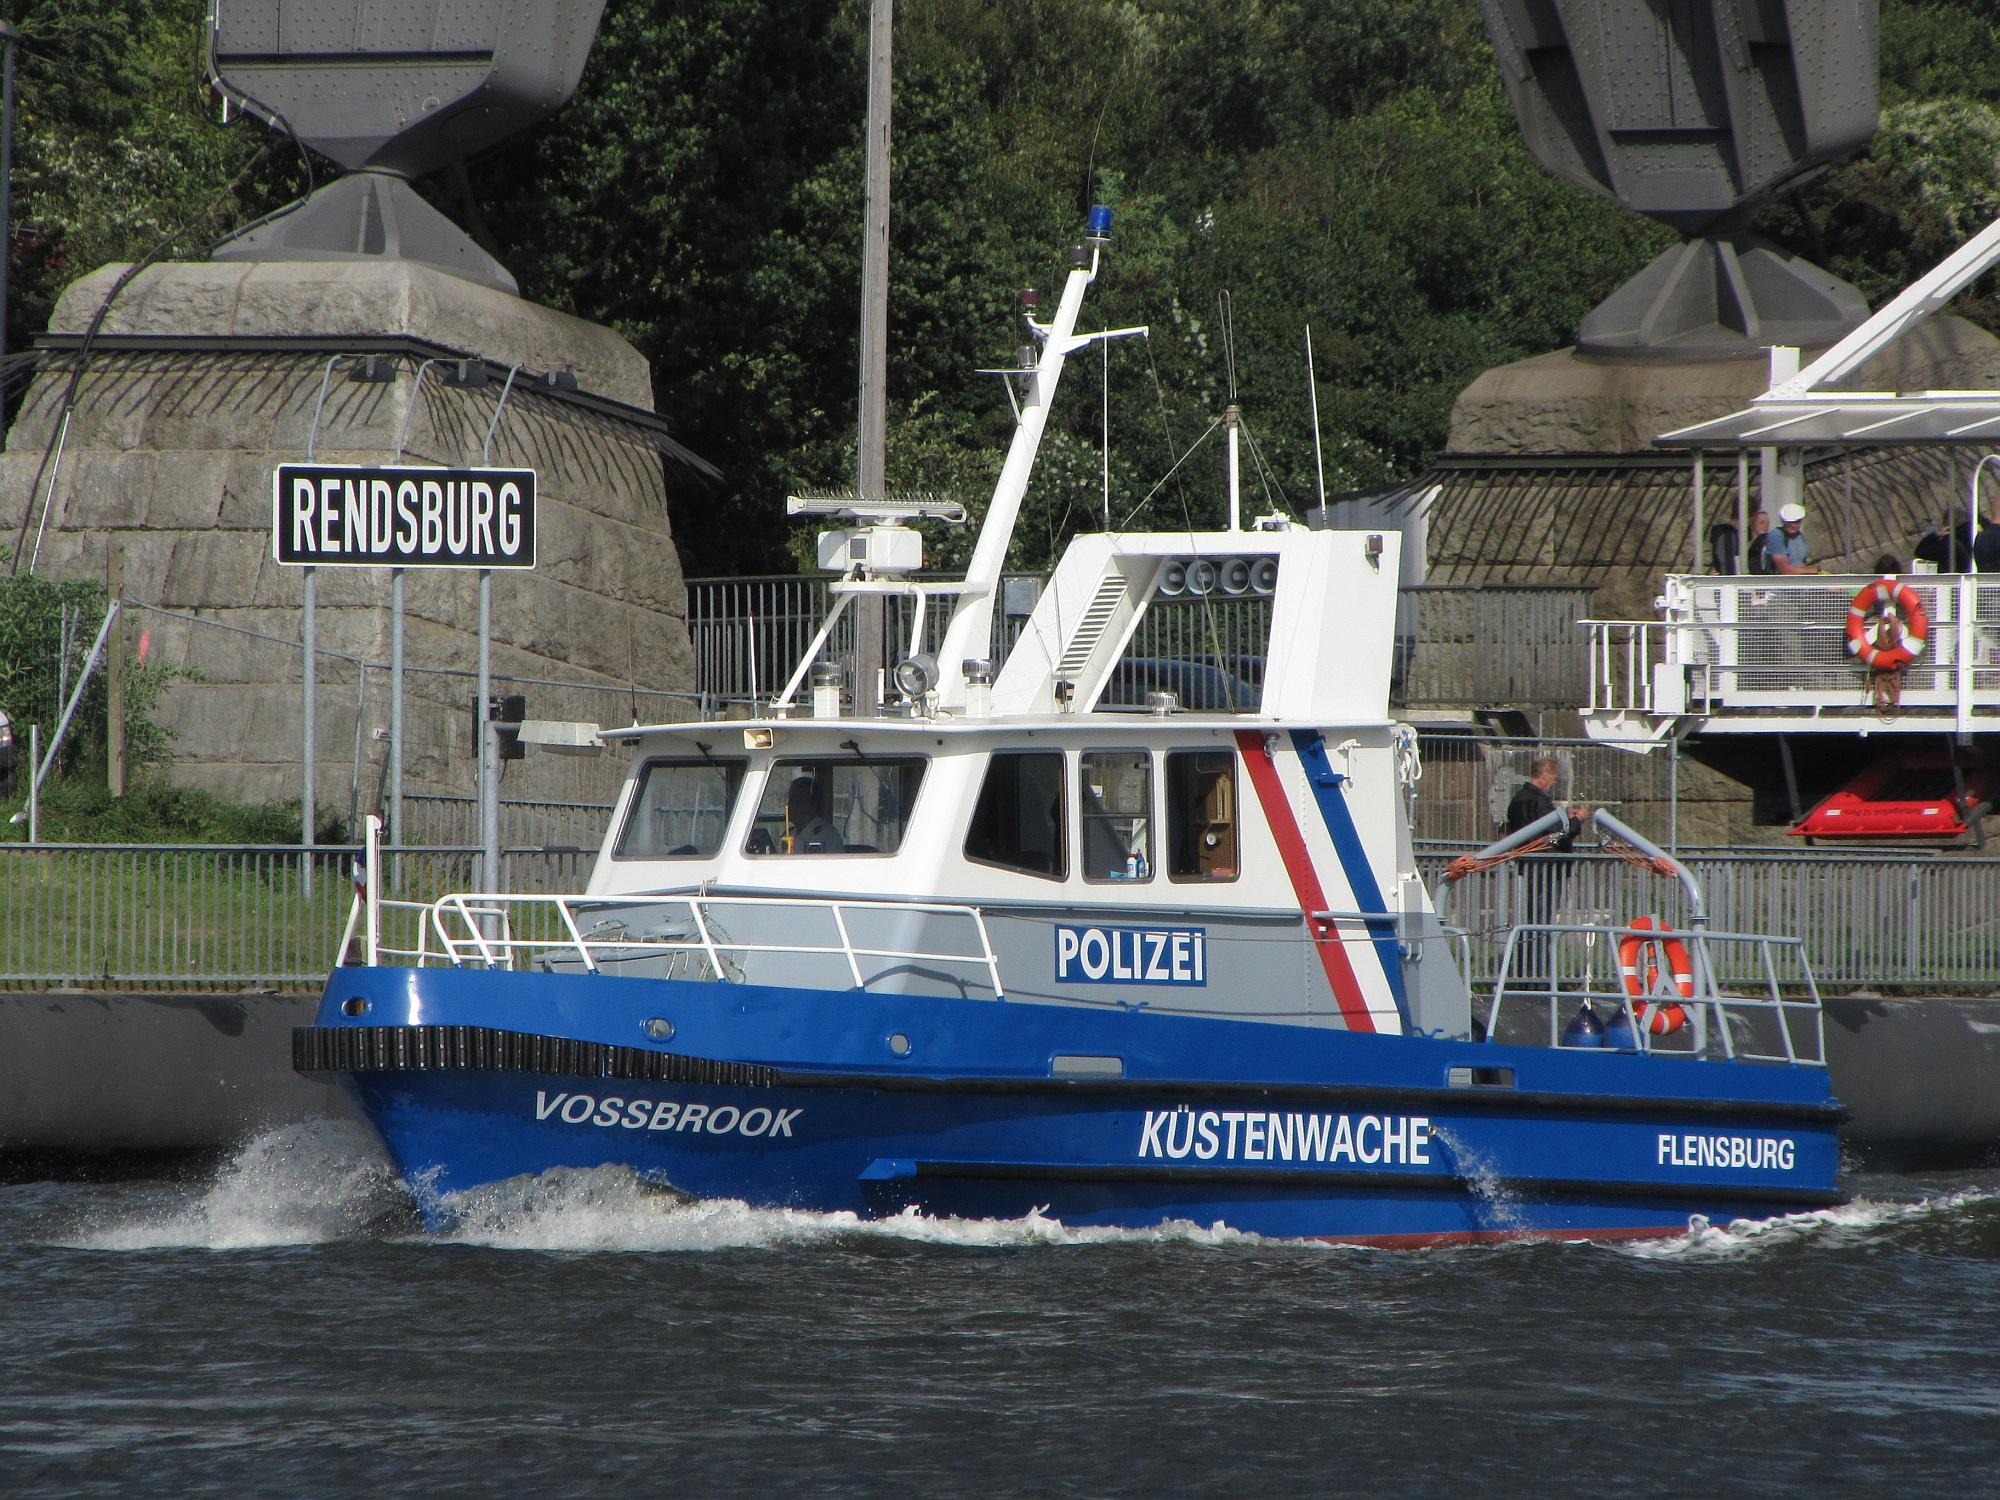 WSP-patrouilleboot op het Noord-Oostzeekanaal. (Foto Wikimedia Commons)